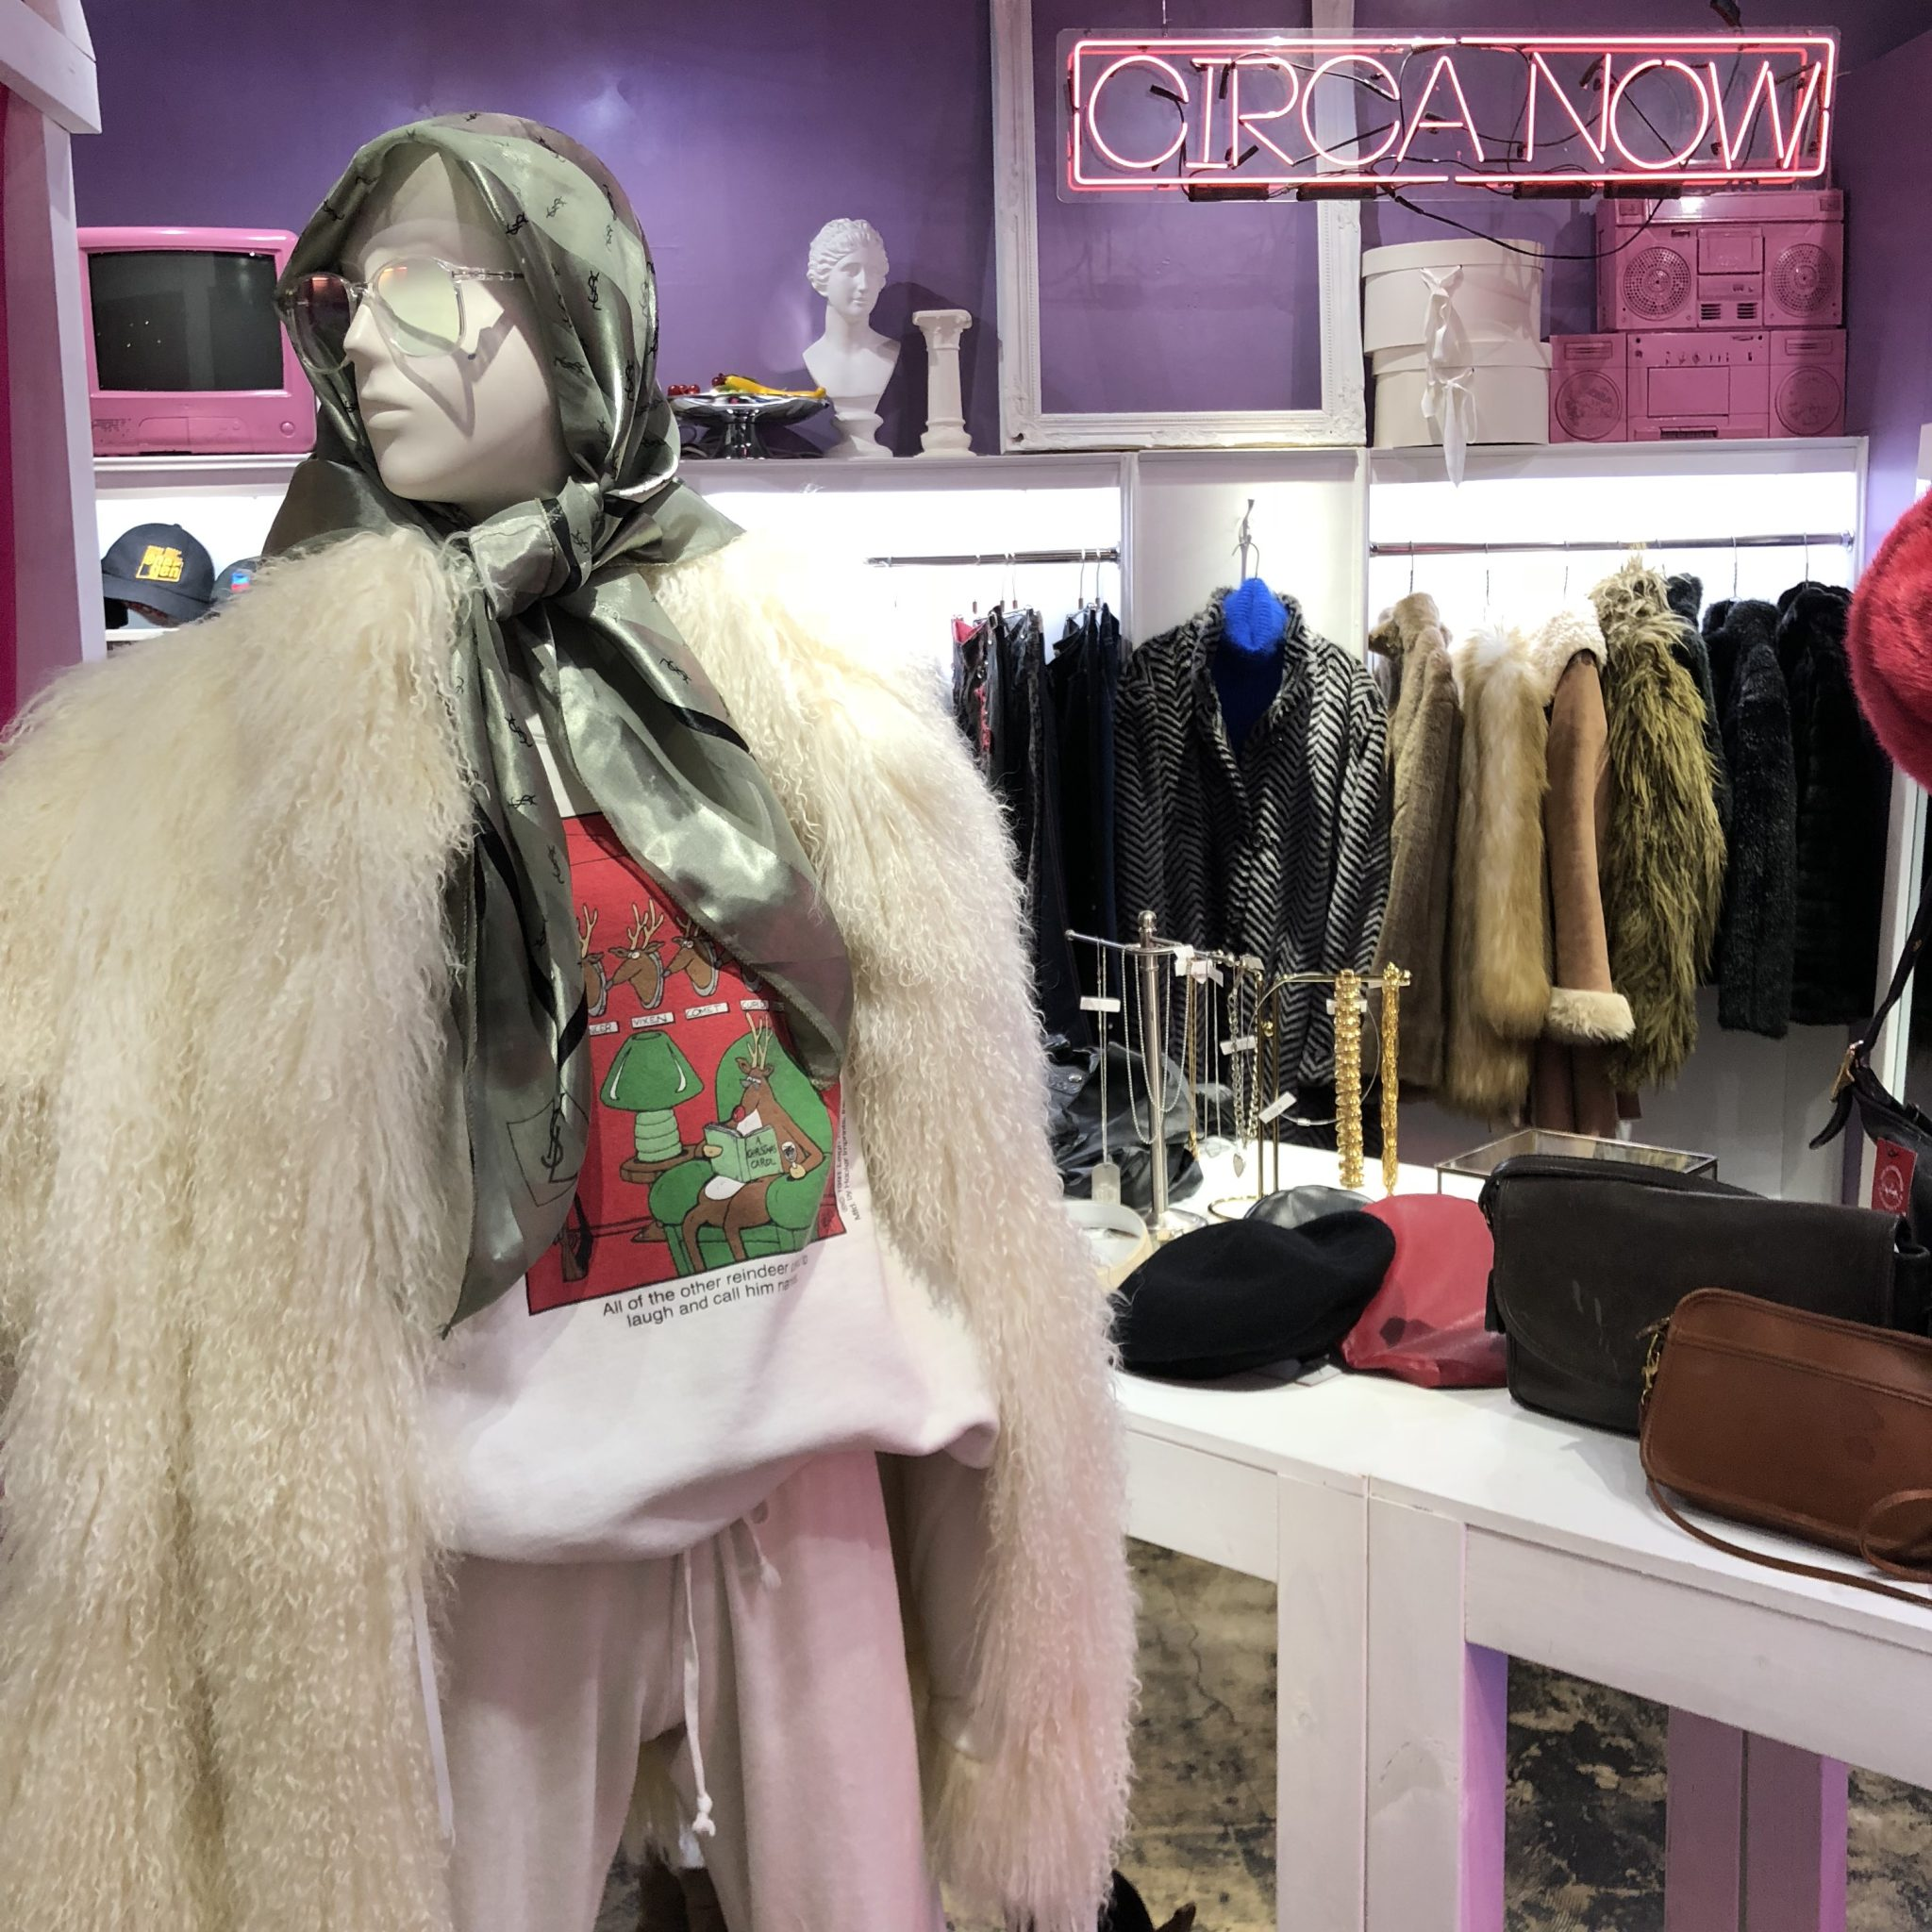 #fashion:今年の冬は何を着る?カラーとカラーのMIX & MATCHがおすすめ。